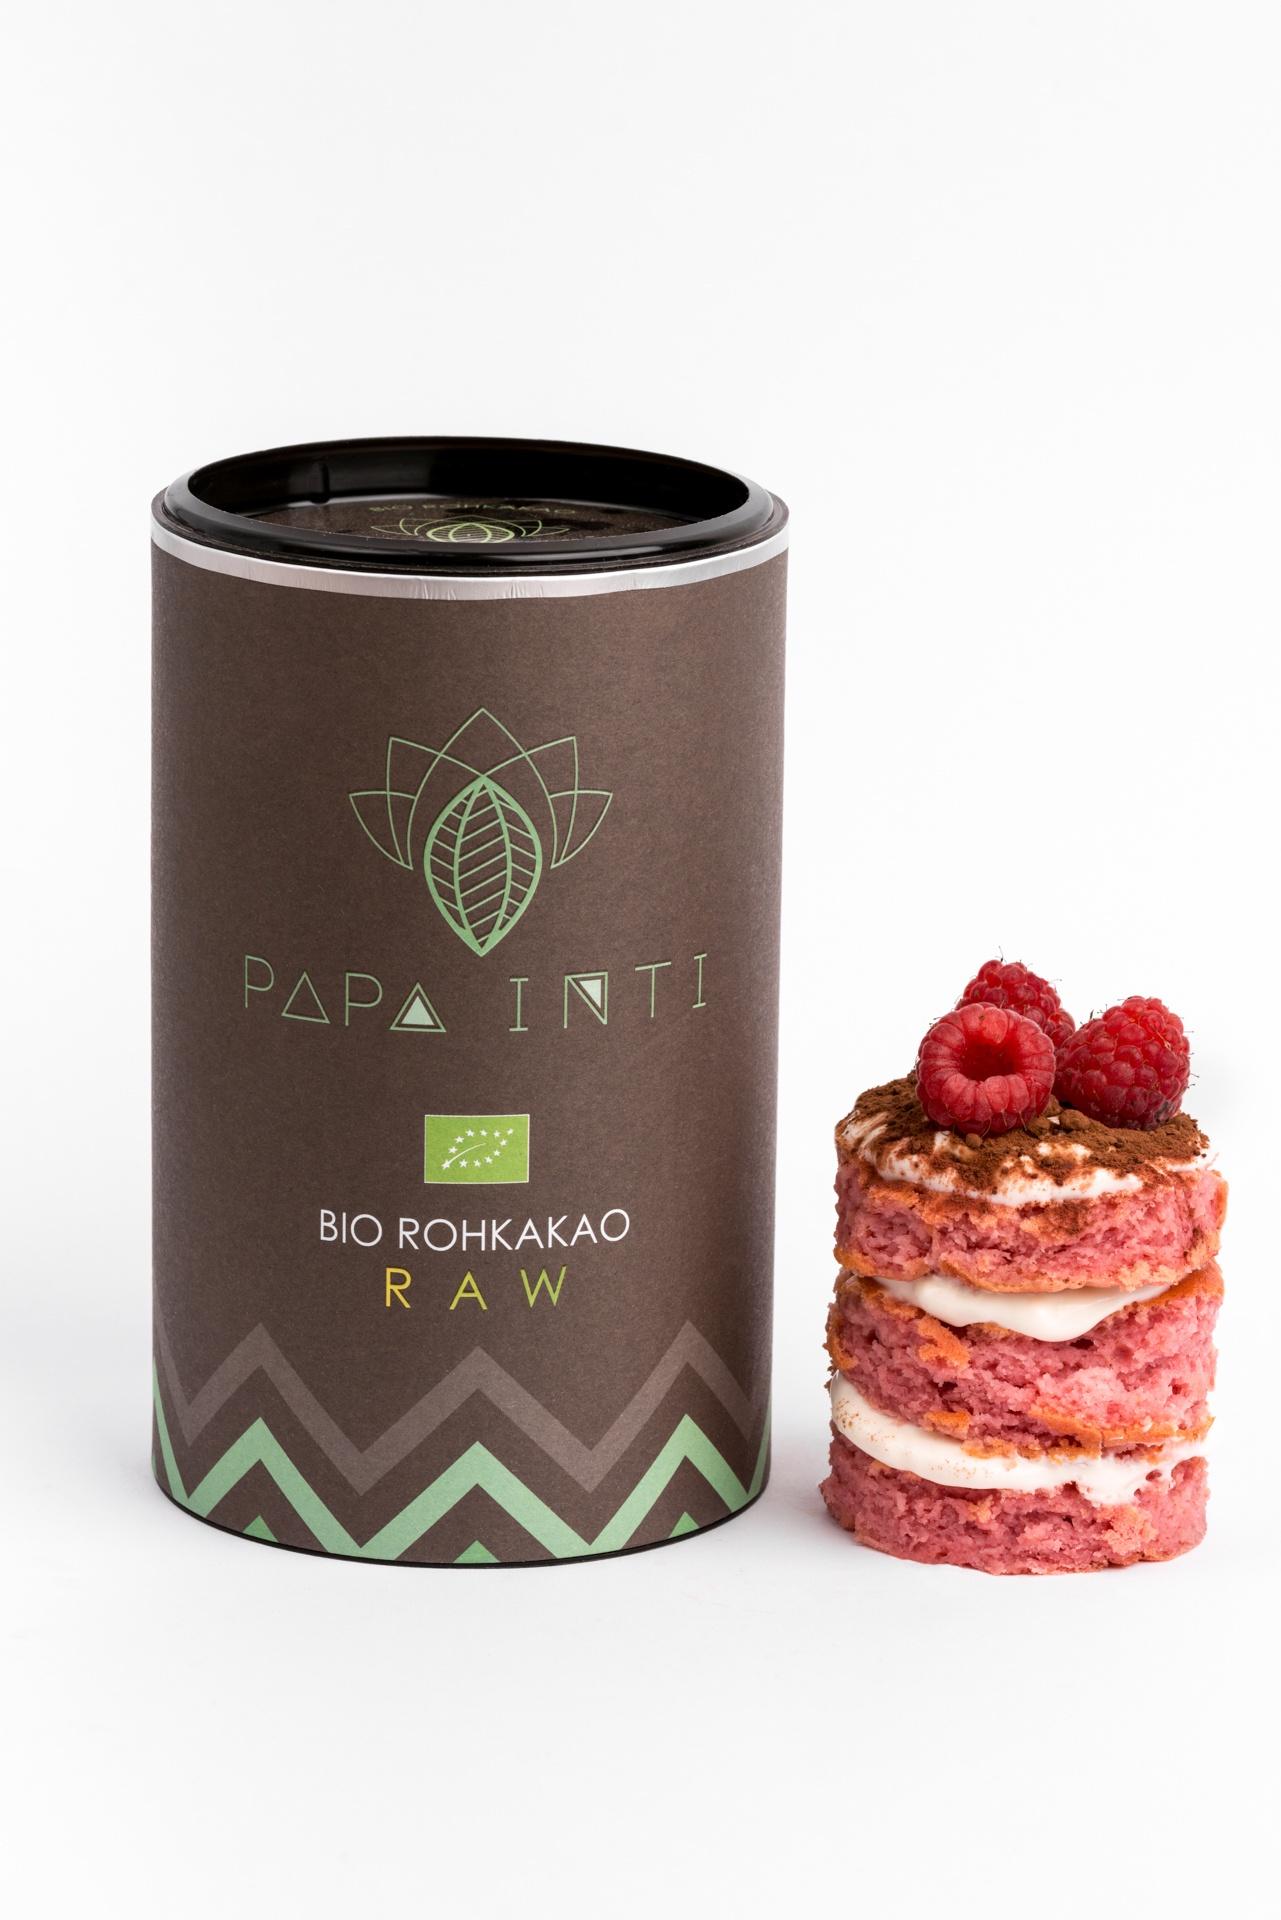 Ein Dessert verfeinert mit Bio Rohkakaopulver von Papa Anti